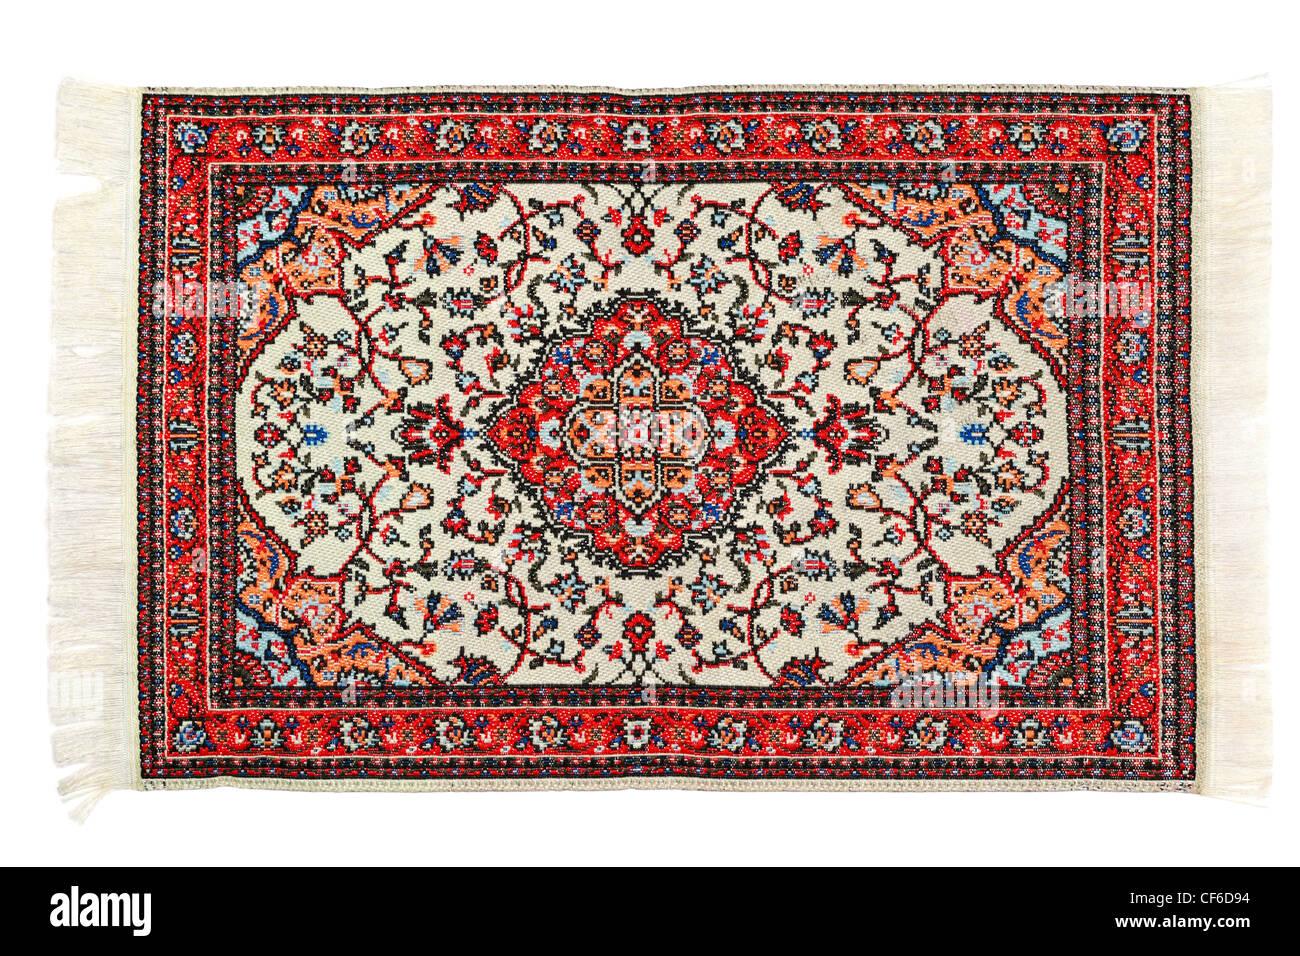 Rechteckige hellen Teppich liegt horizontal auf weißem Hintergrund Stockbild